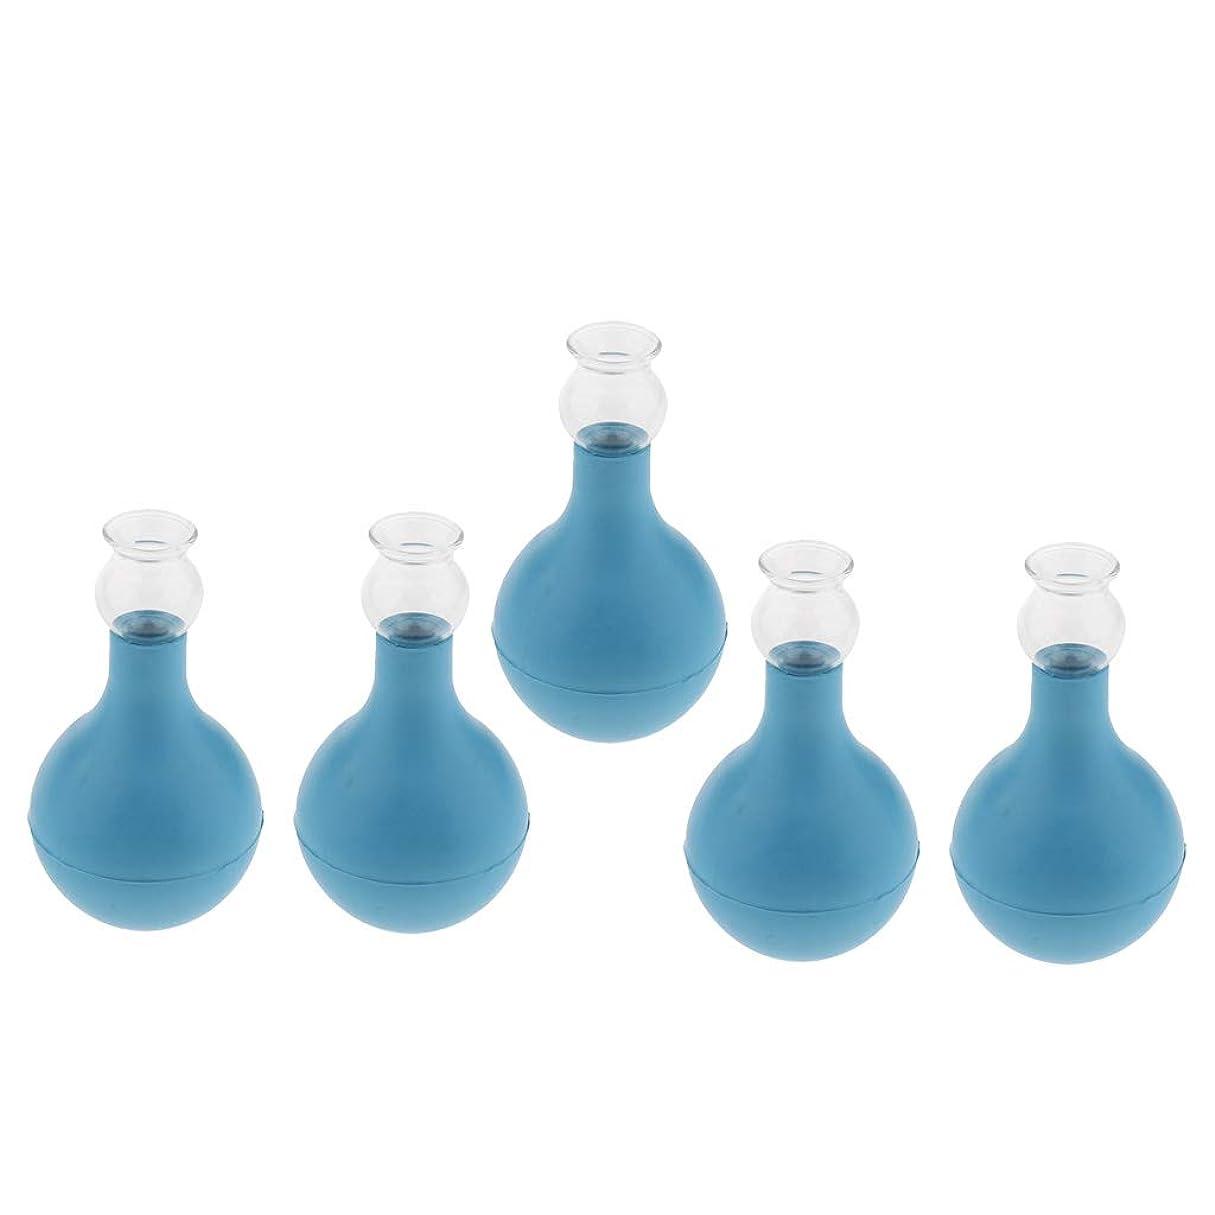 鳴らすトラフィック不愉快Baoblaze シリコン カッピング 吸い玉 落ちやすい 5個セット 吸引力 抗セルライト 腫脹緩和 2サイズ選ぶ - ブルー+ブルー3cm, 3cm